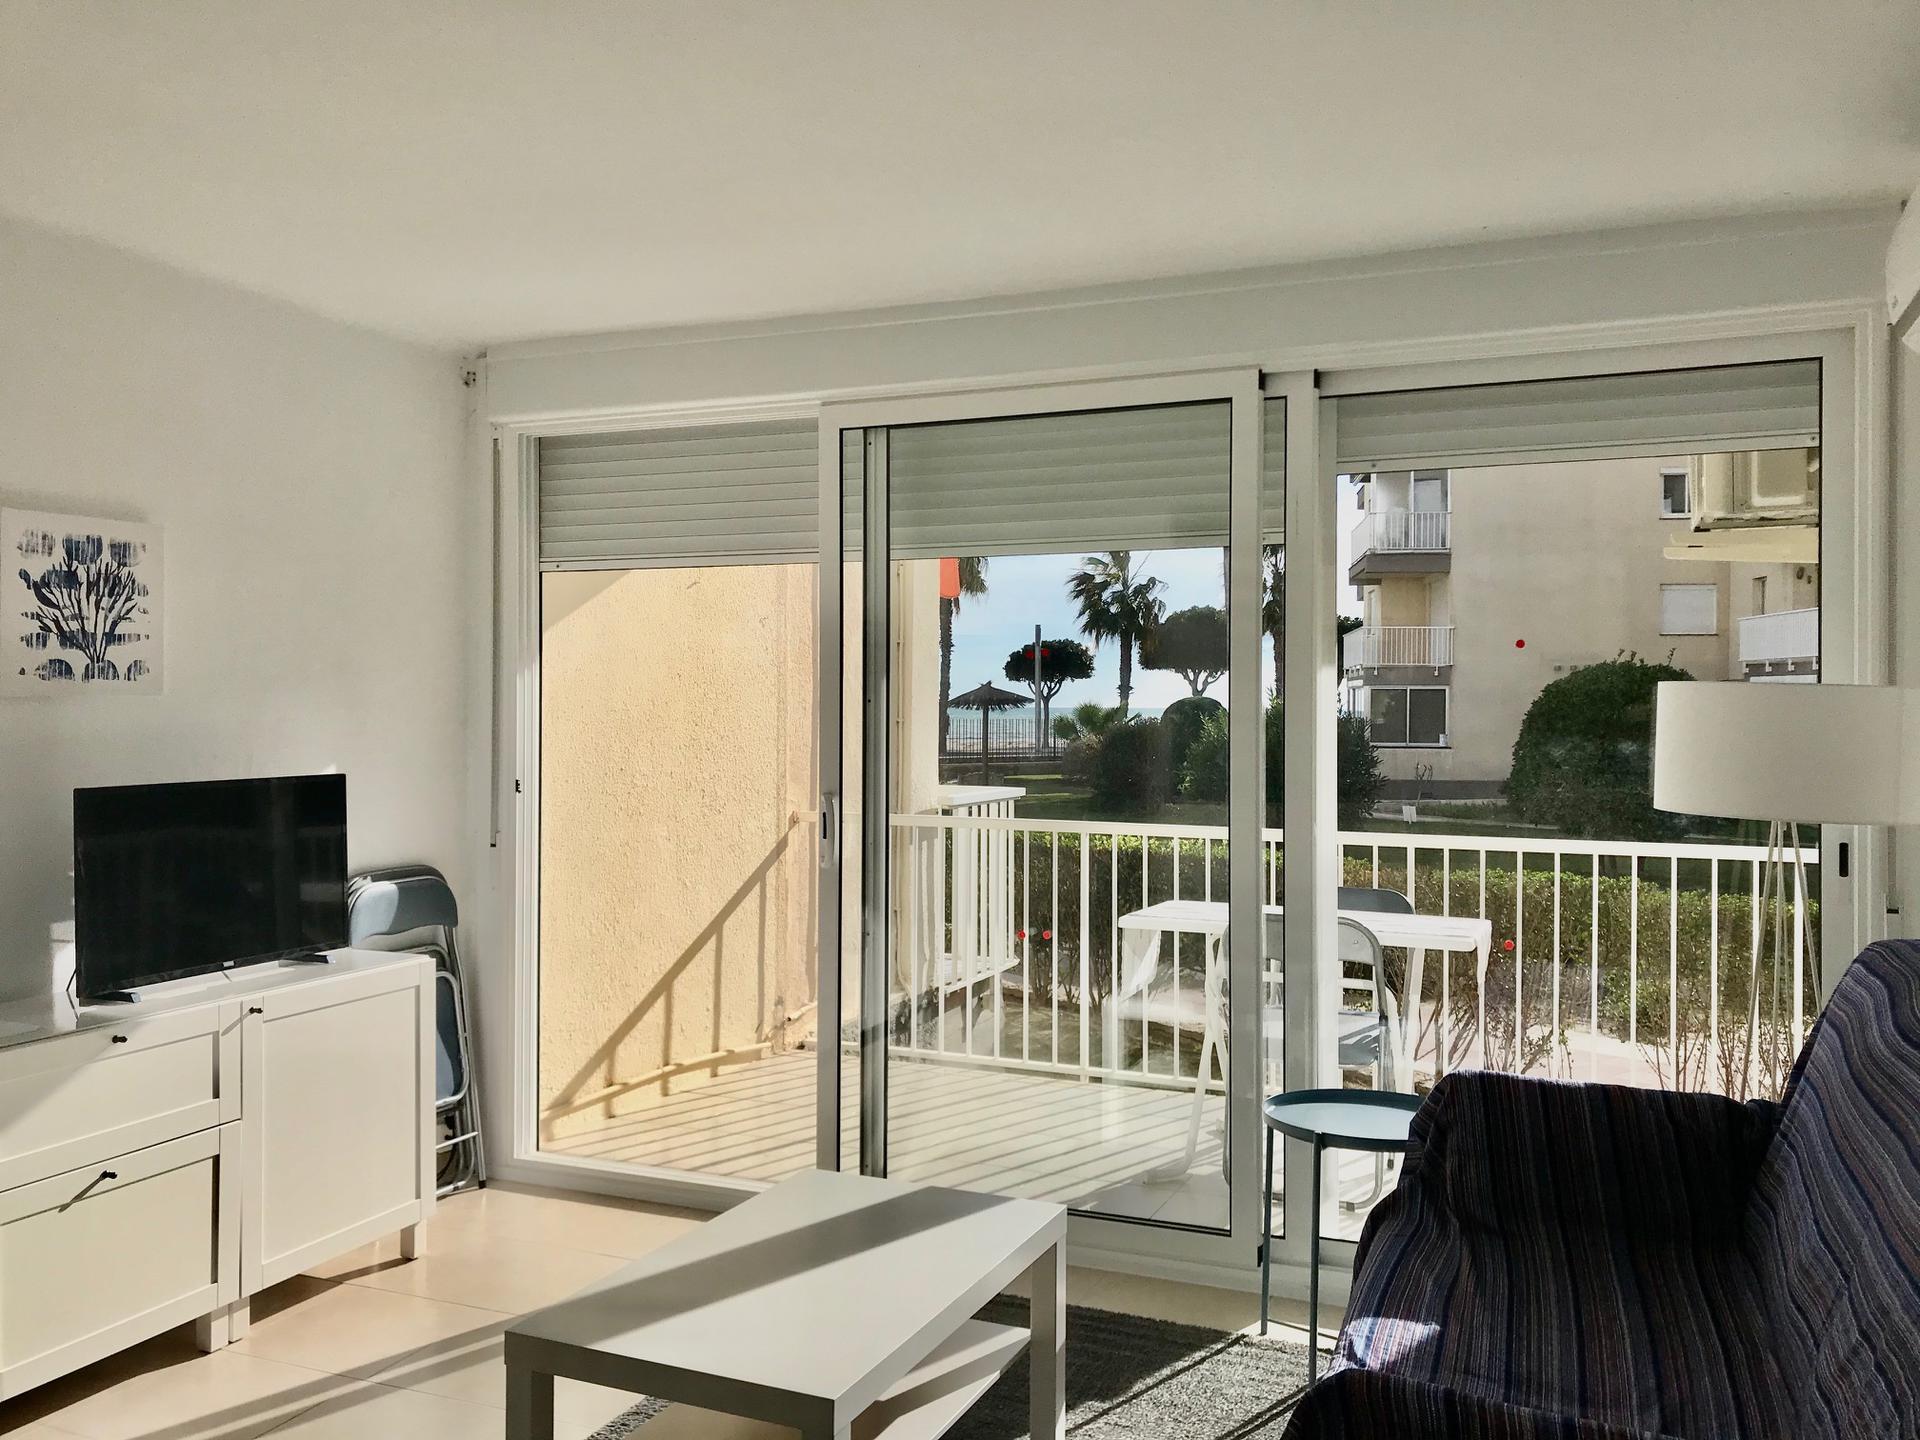 Apartament -                                       Cambrils -                                       1 dormitoris -                                       5 ocupants